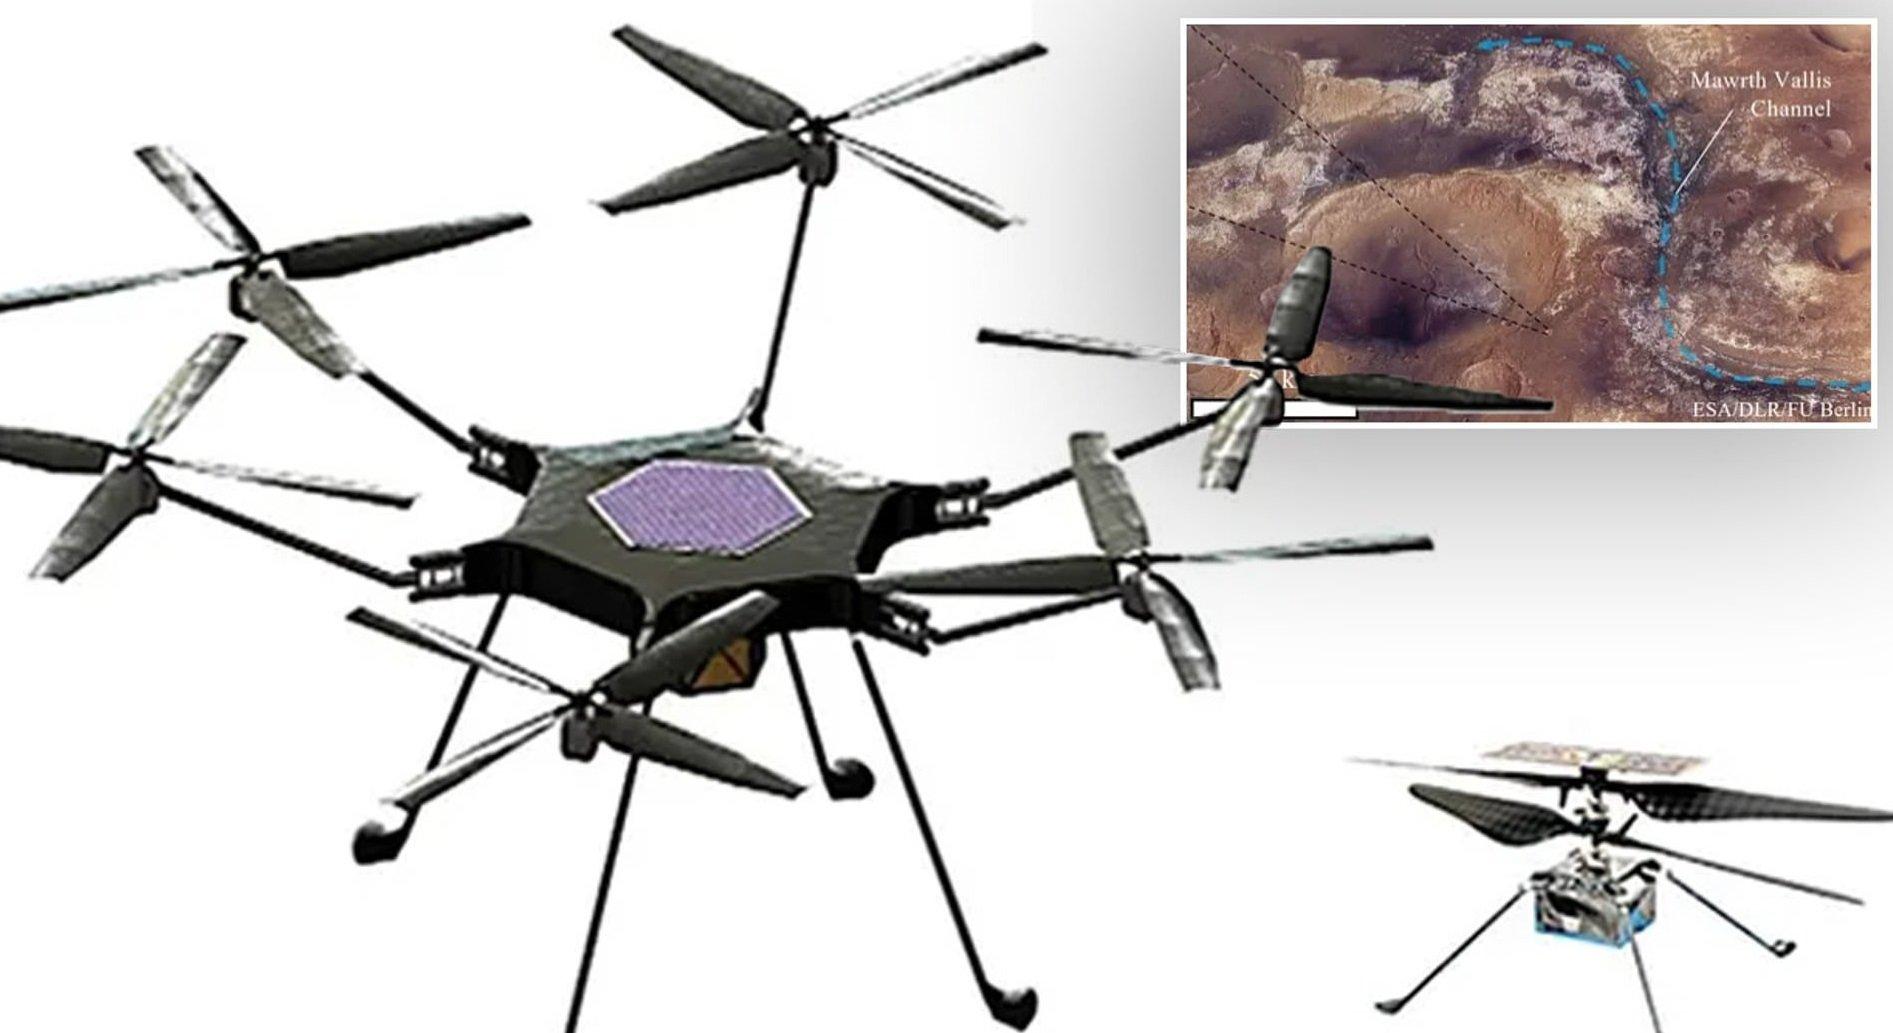 ناسا در حال طراحی هلیکوپتر جدید مریخی است